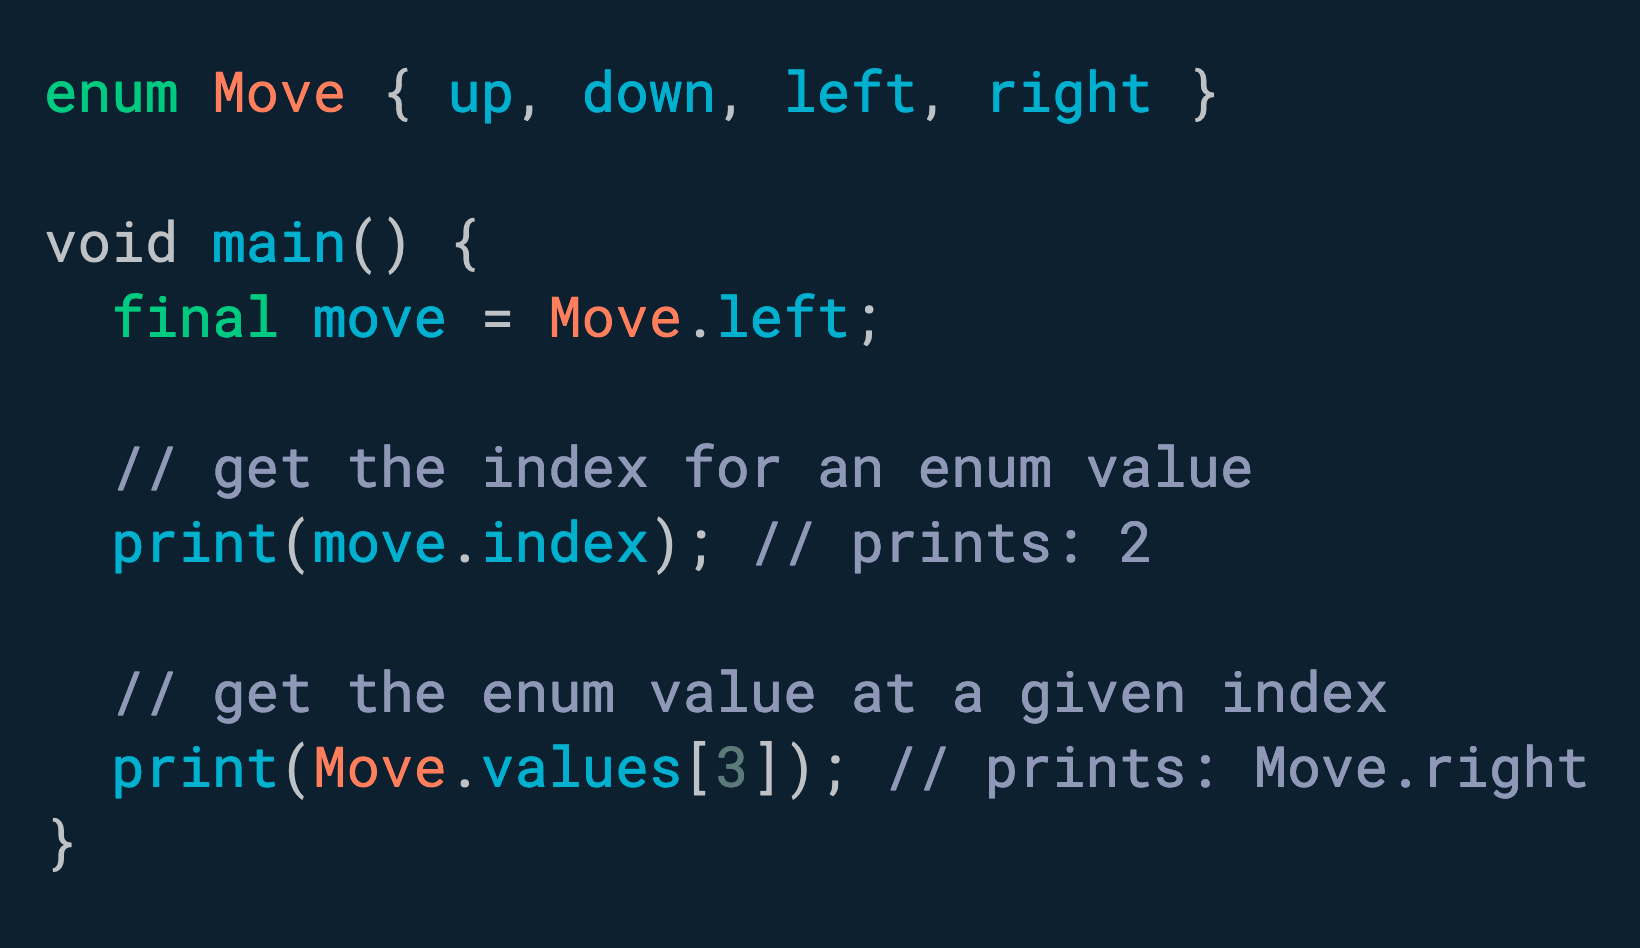 需要将枚举转换为 int 或反之亦然? 使用 .index 和 values[i]